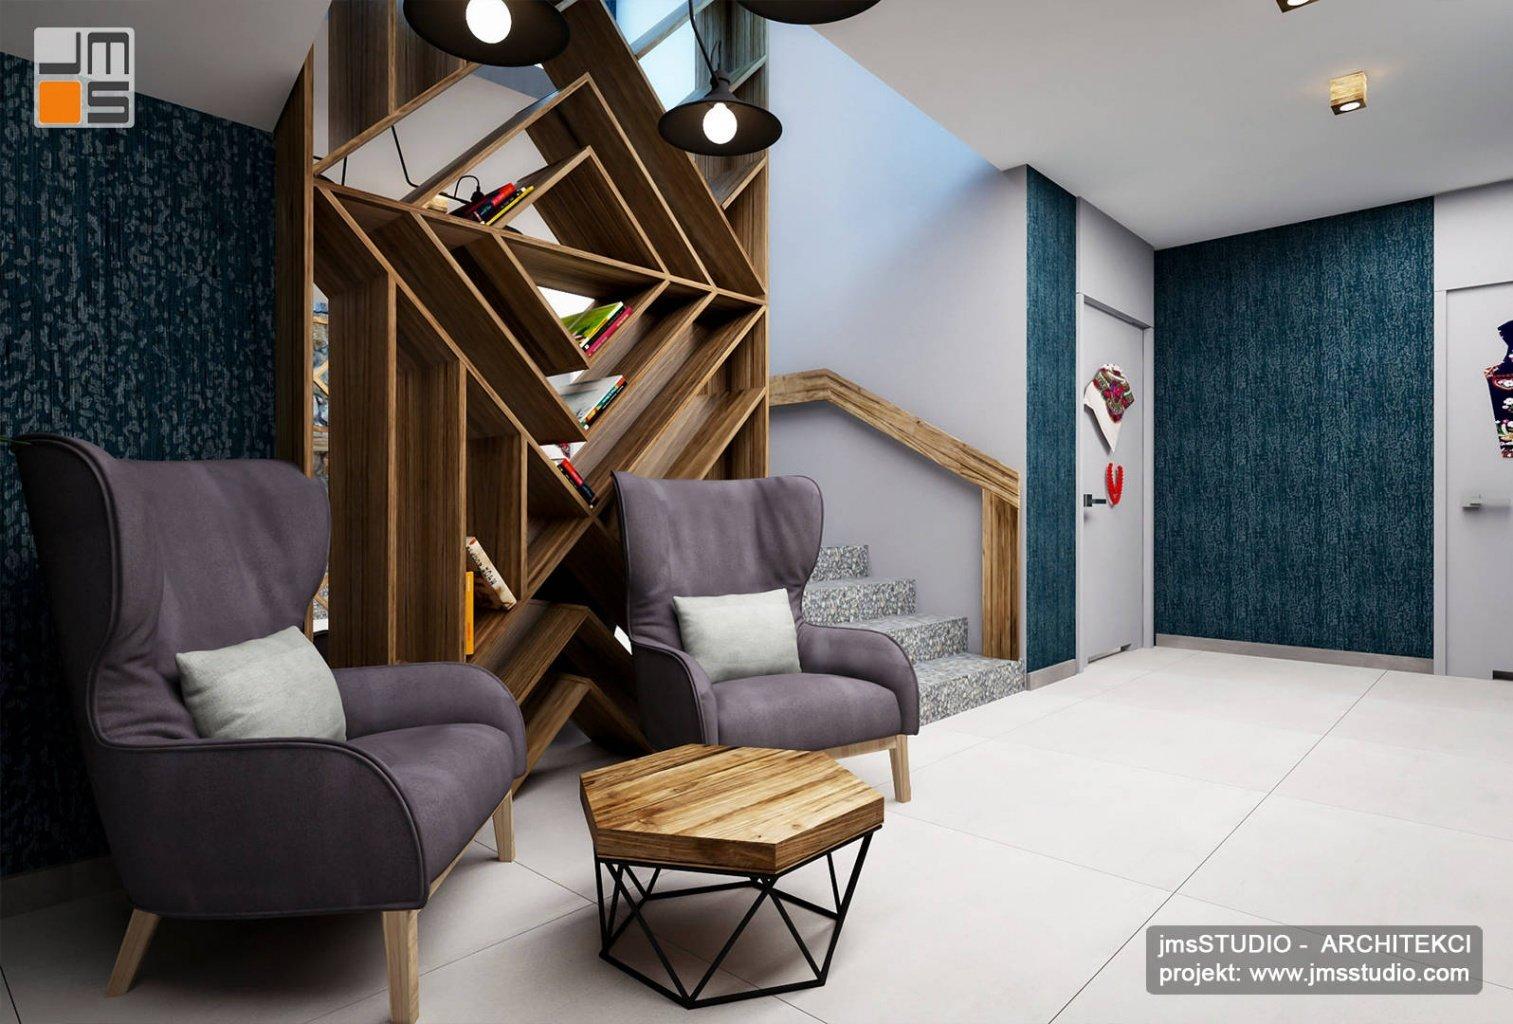 dekoracyjne półki drewniane jako dekoracja wnętrza i ściany z lustra w restauracji